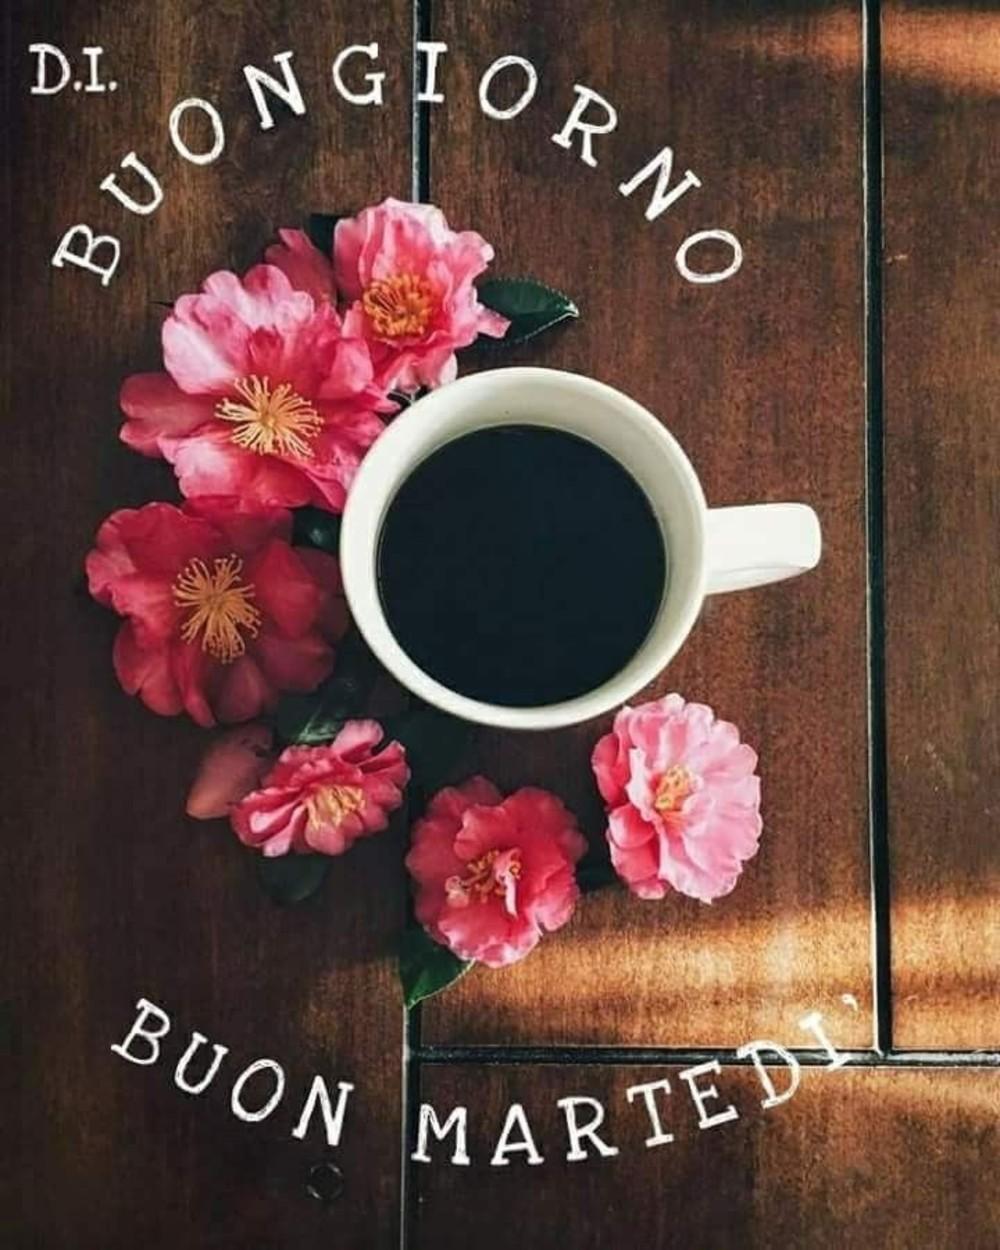 buon martedi immagini caffè